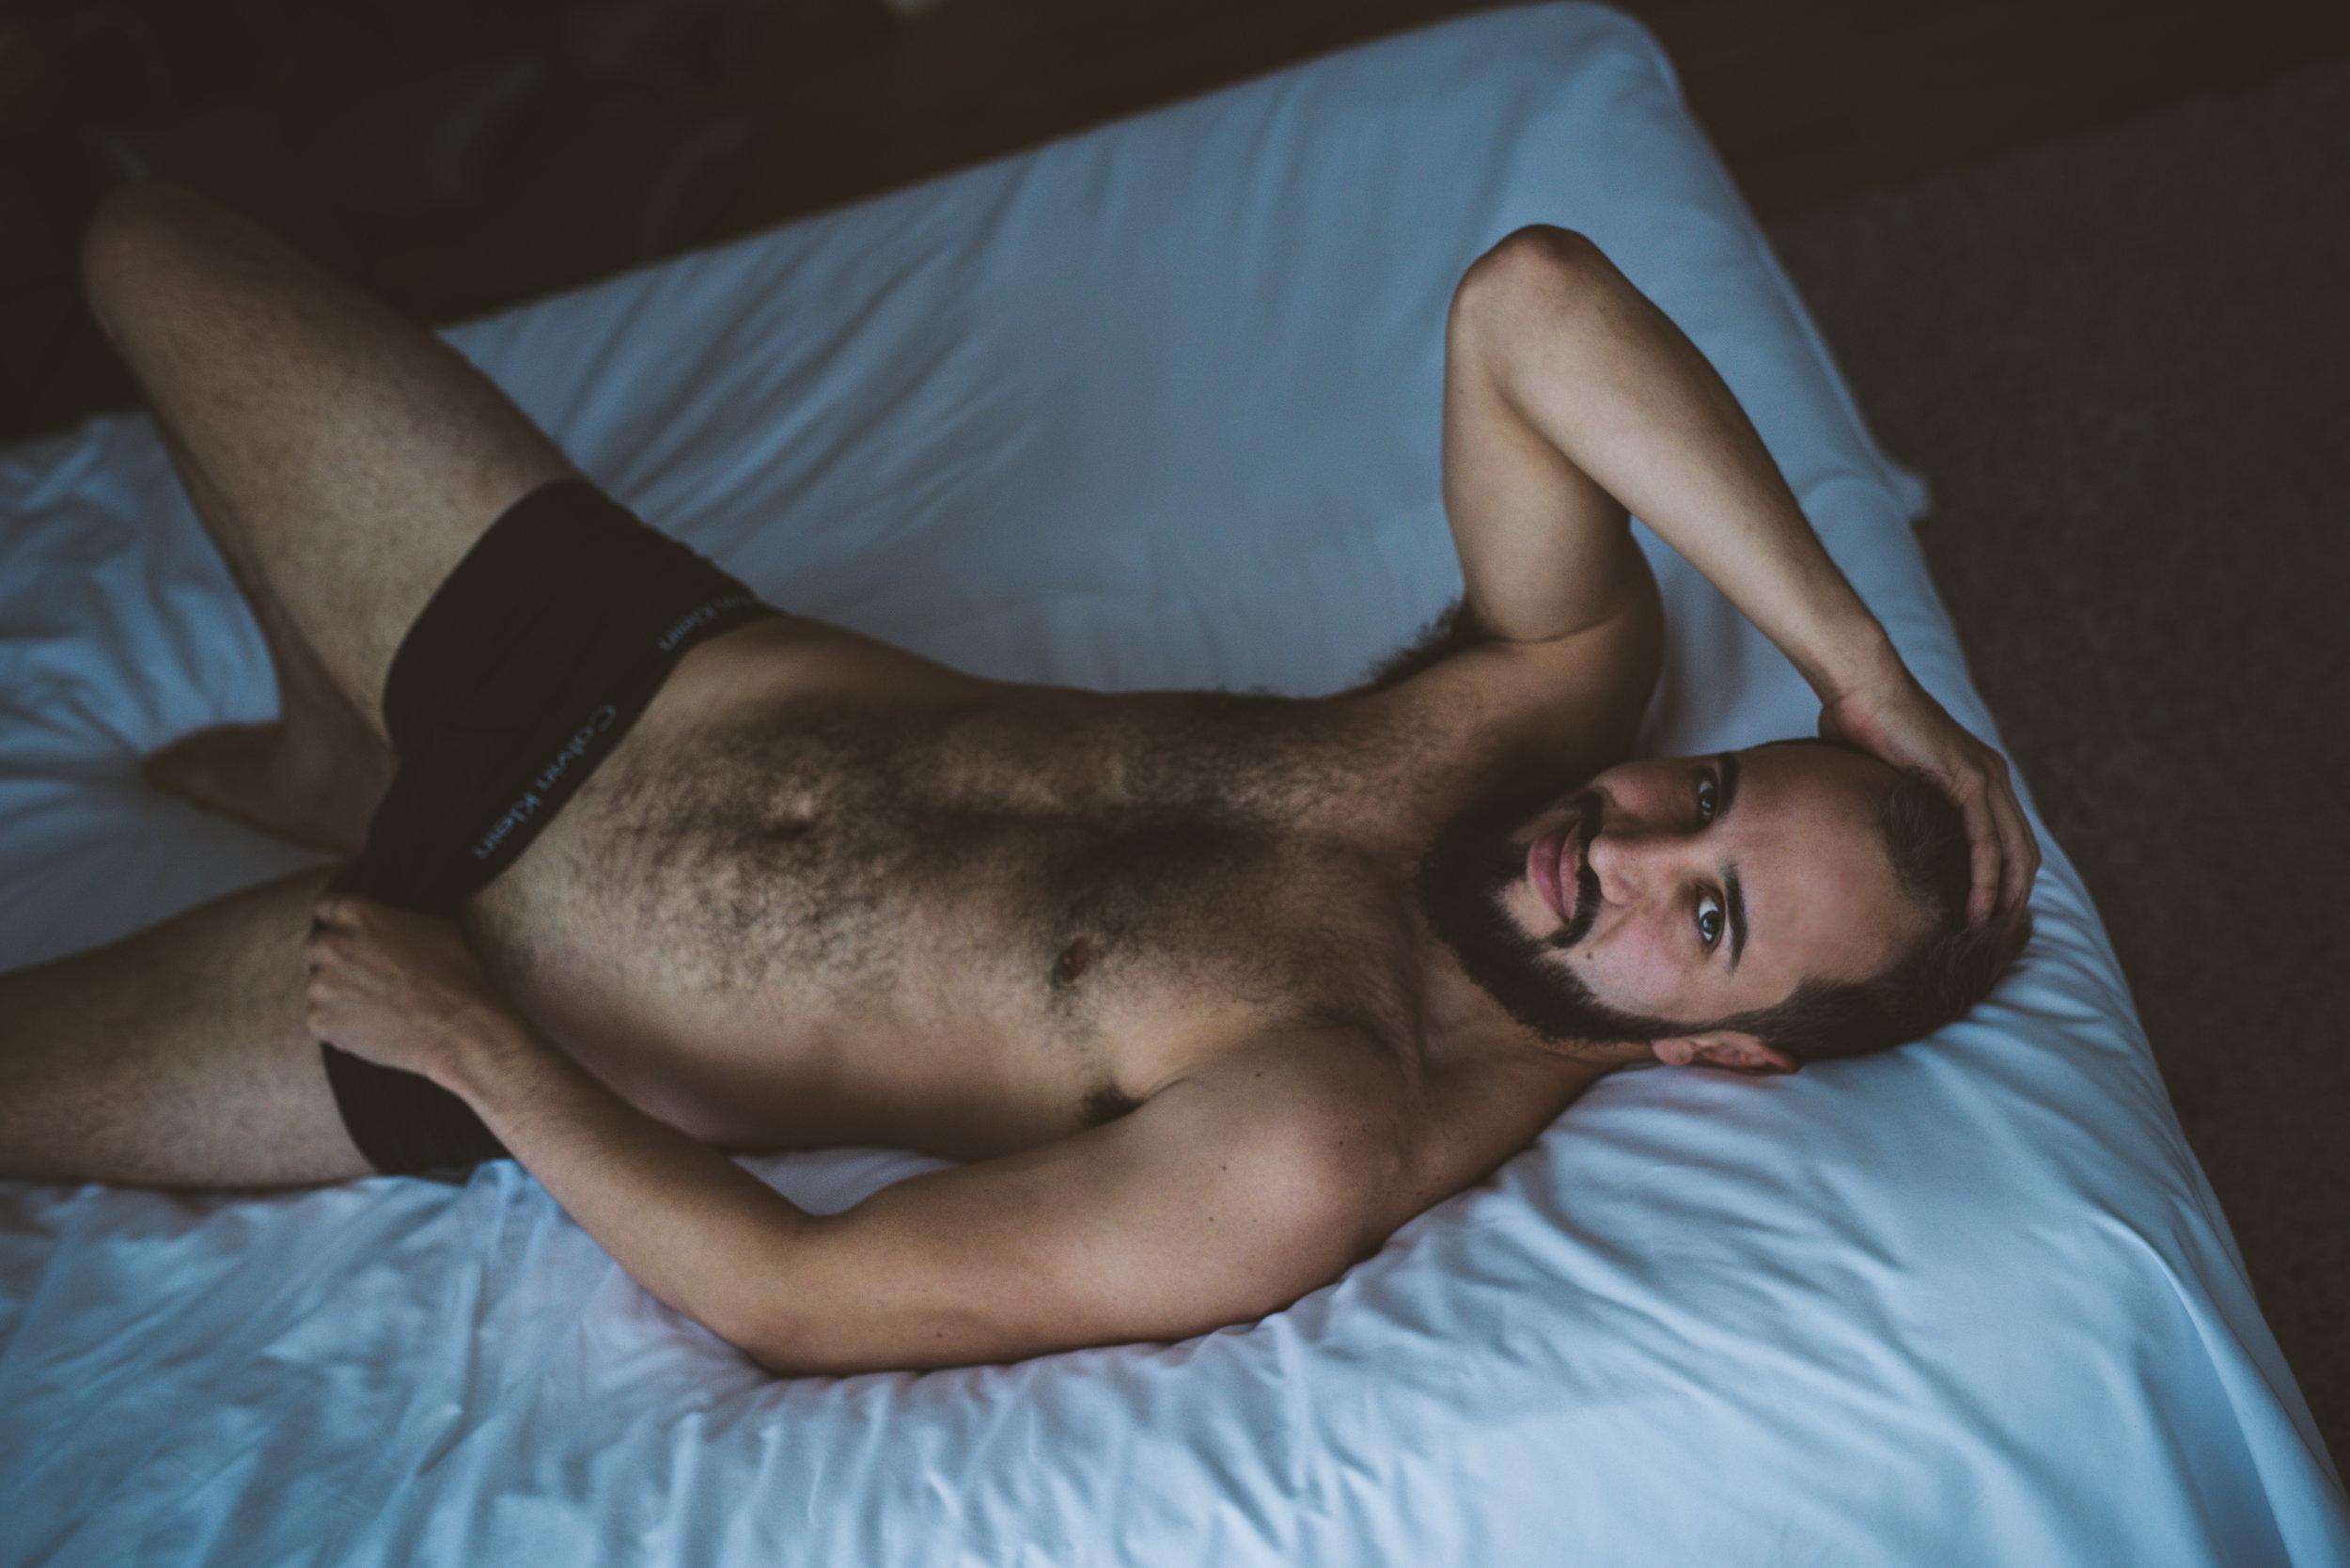 JTNoirStudios_Andres_Male_Boudoir_Portraits_Blackandwhite-6-2.jpg